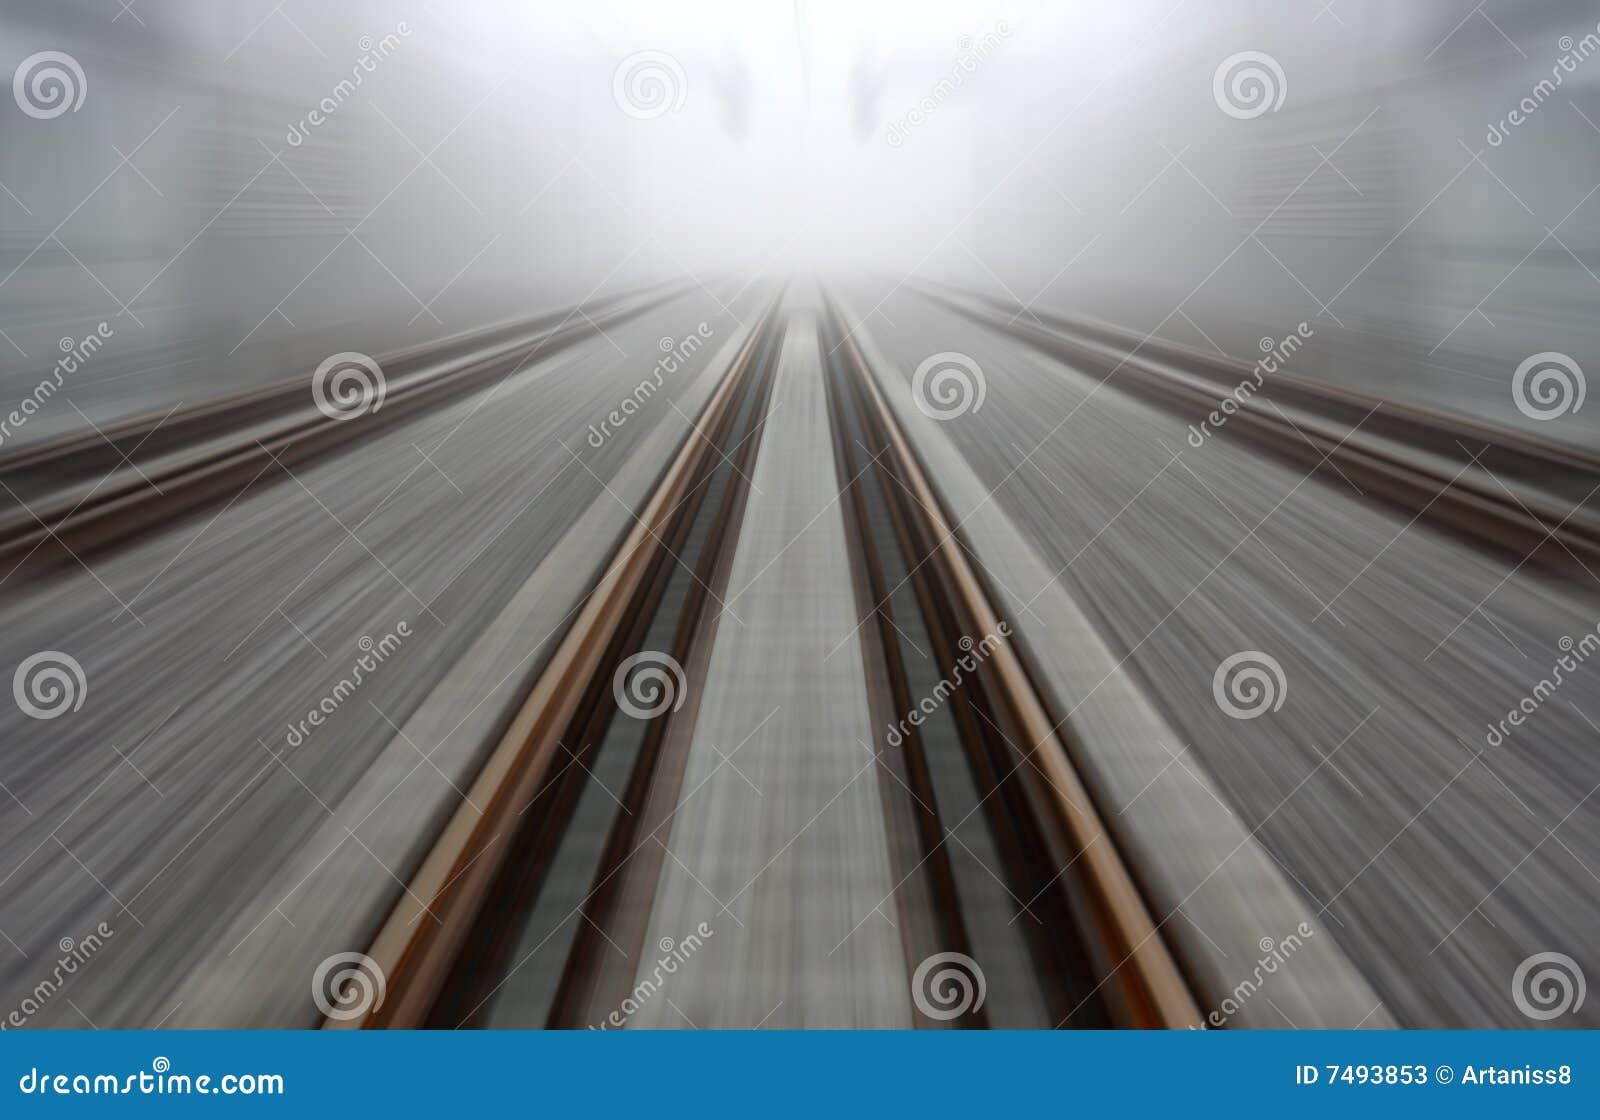 Railroad Speed